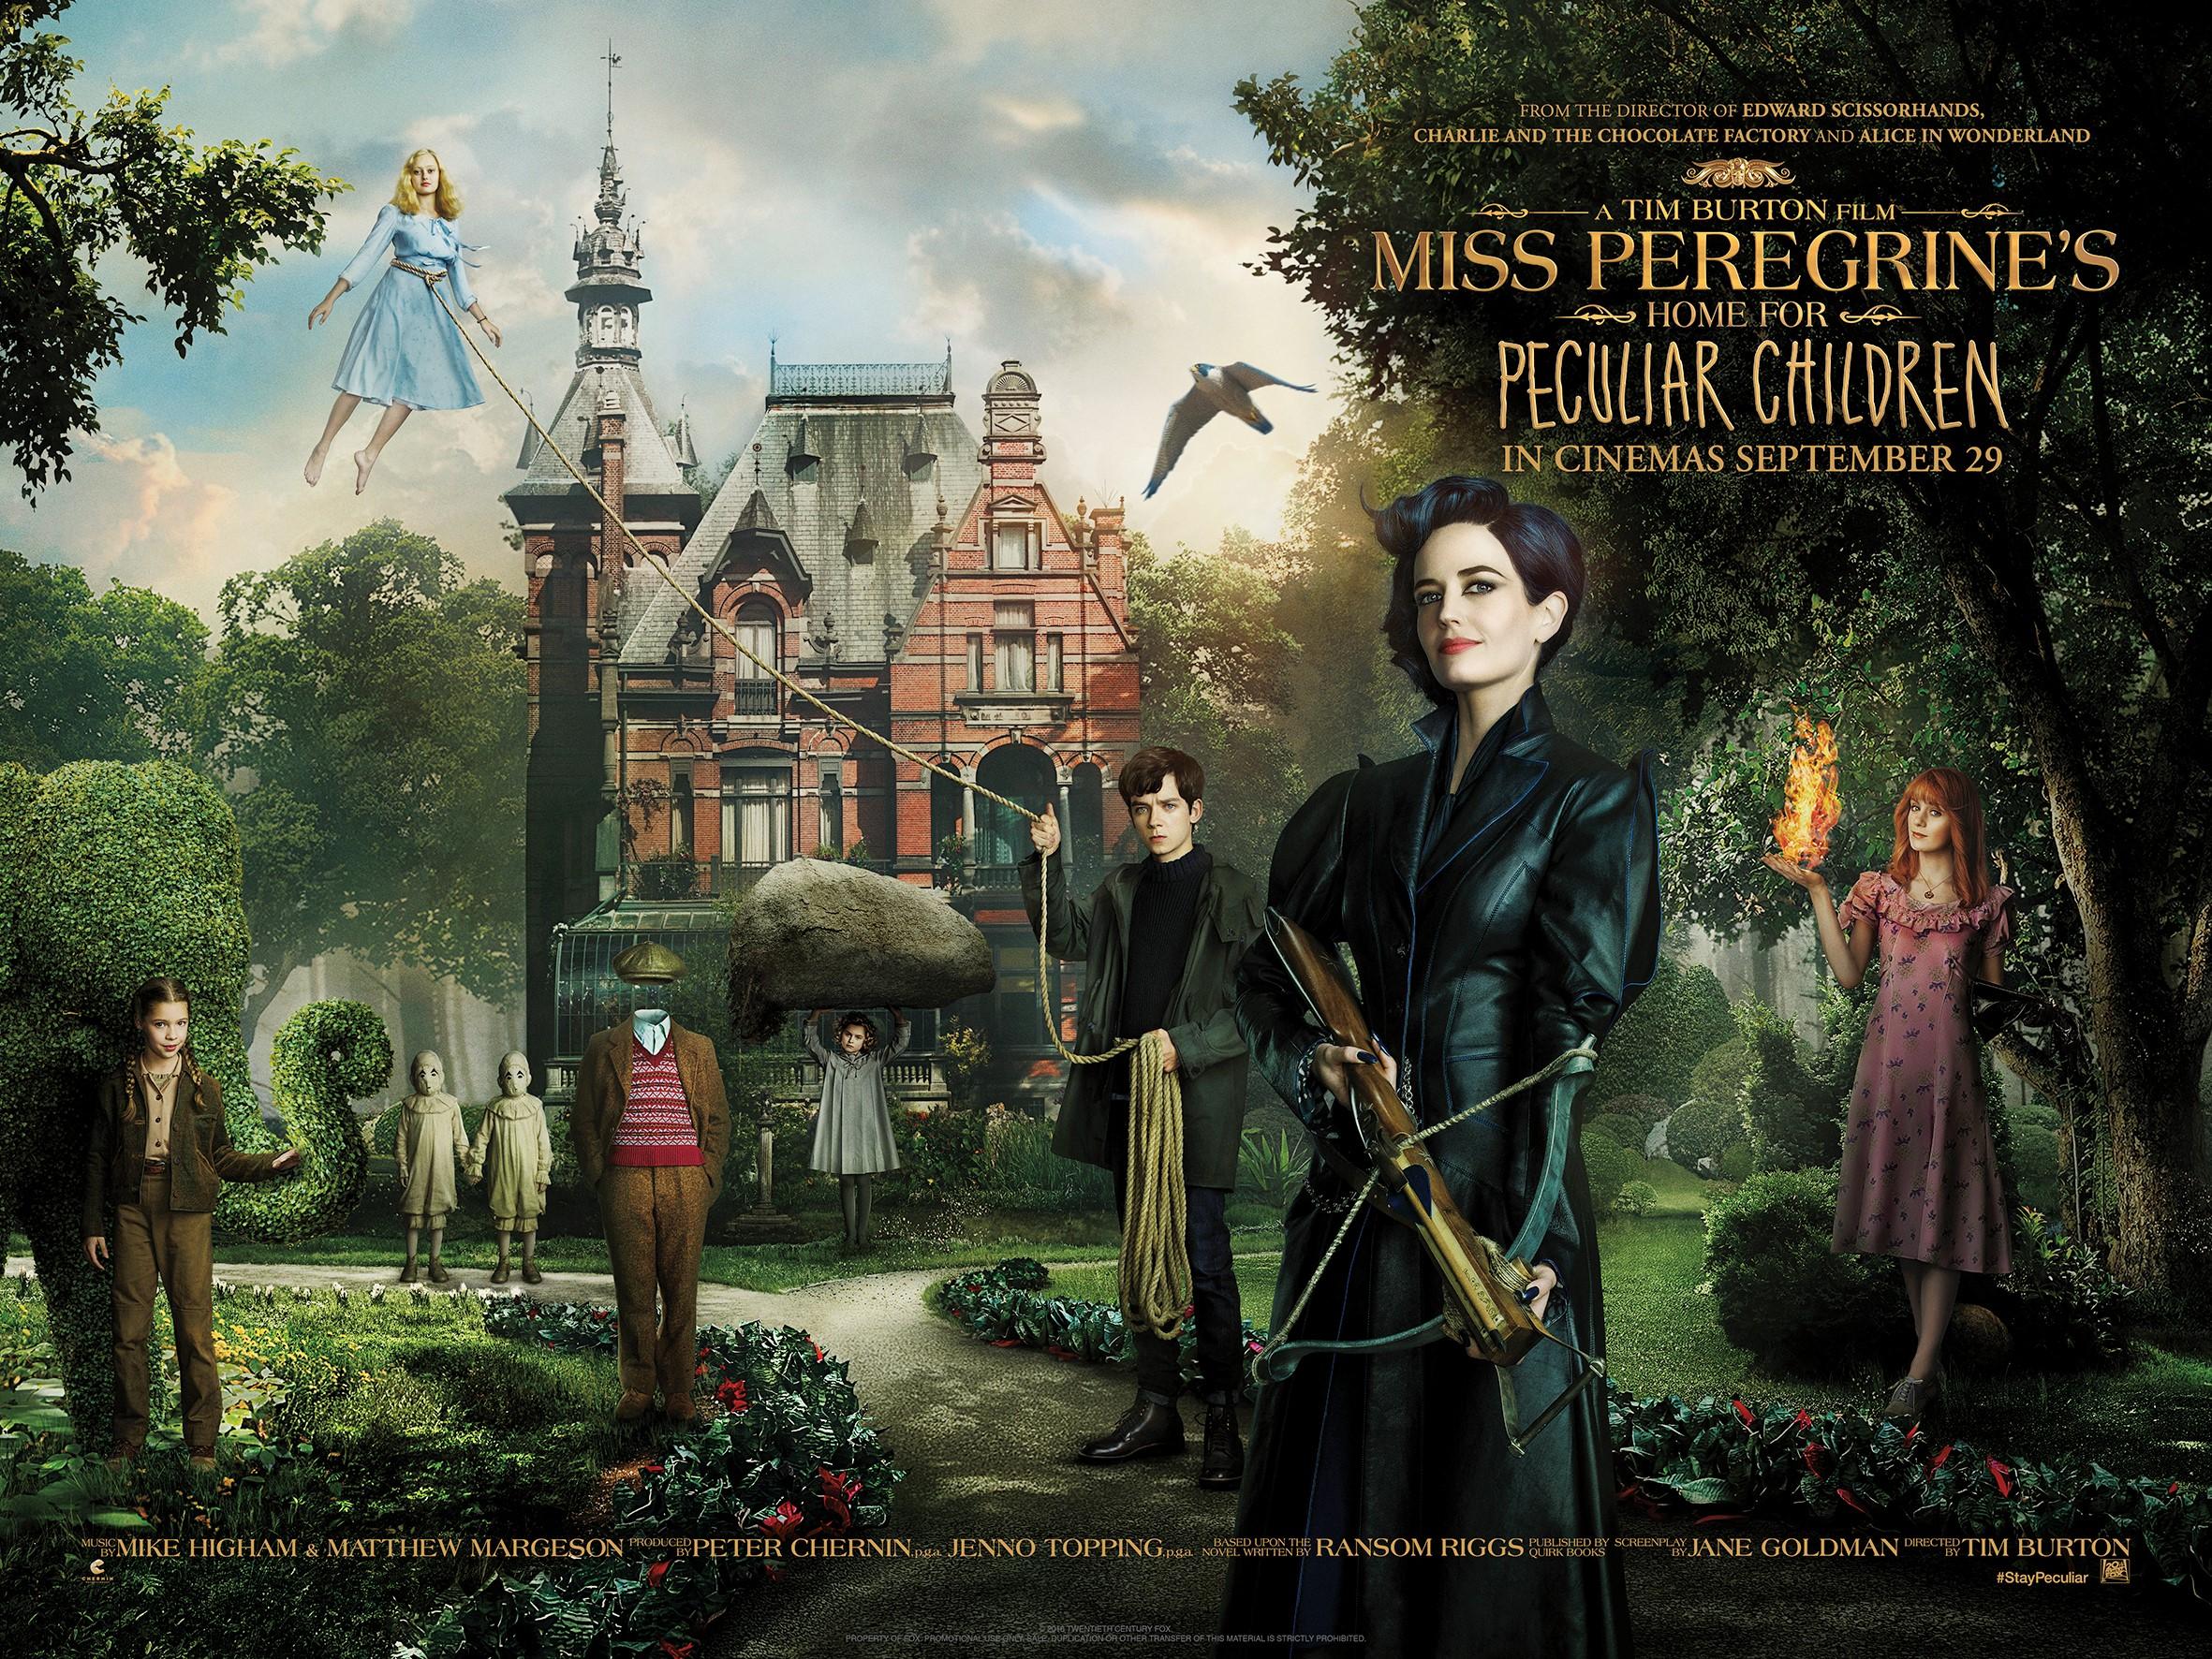 Miss Peregrine's quad image